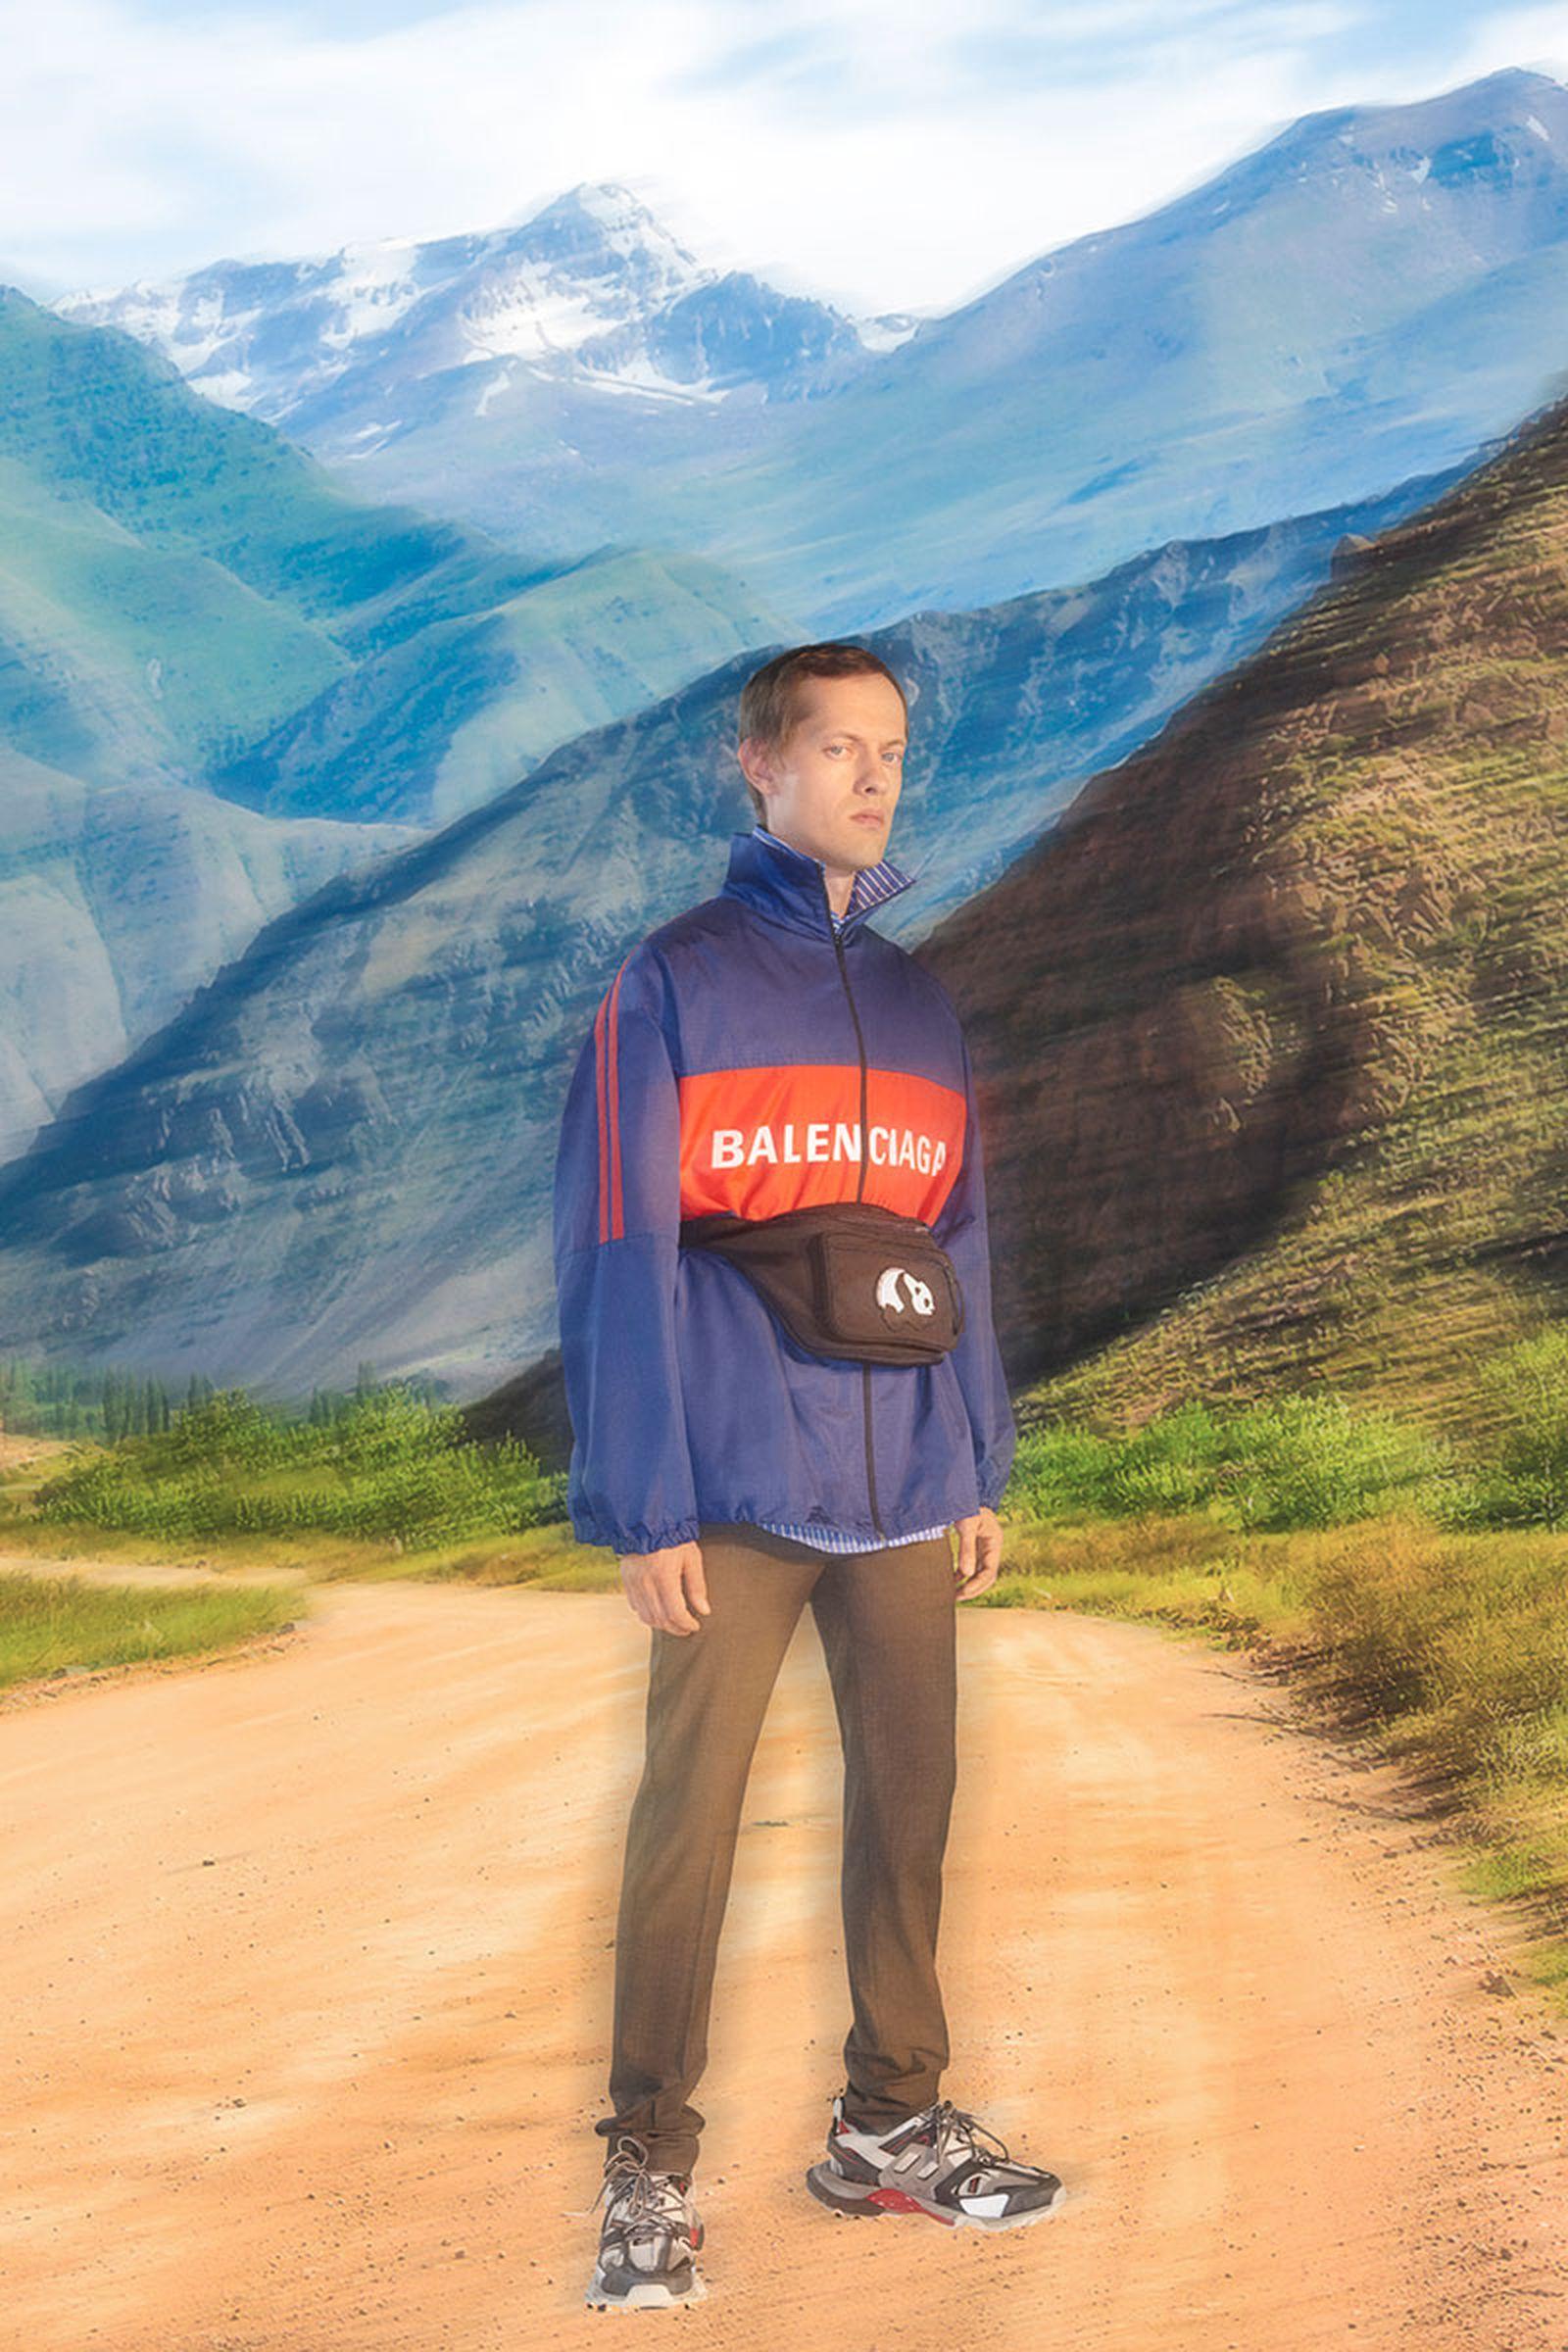 Balenciaga x Farfetch Capsule Collection (1)